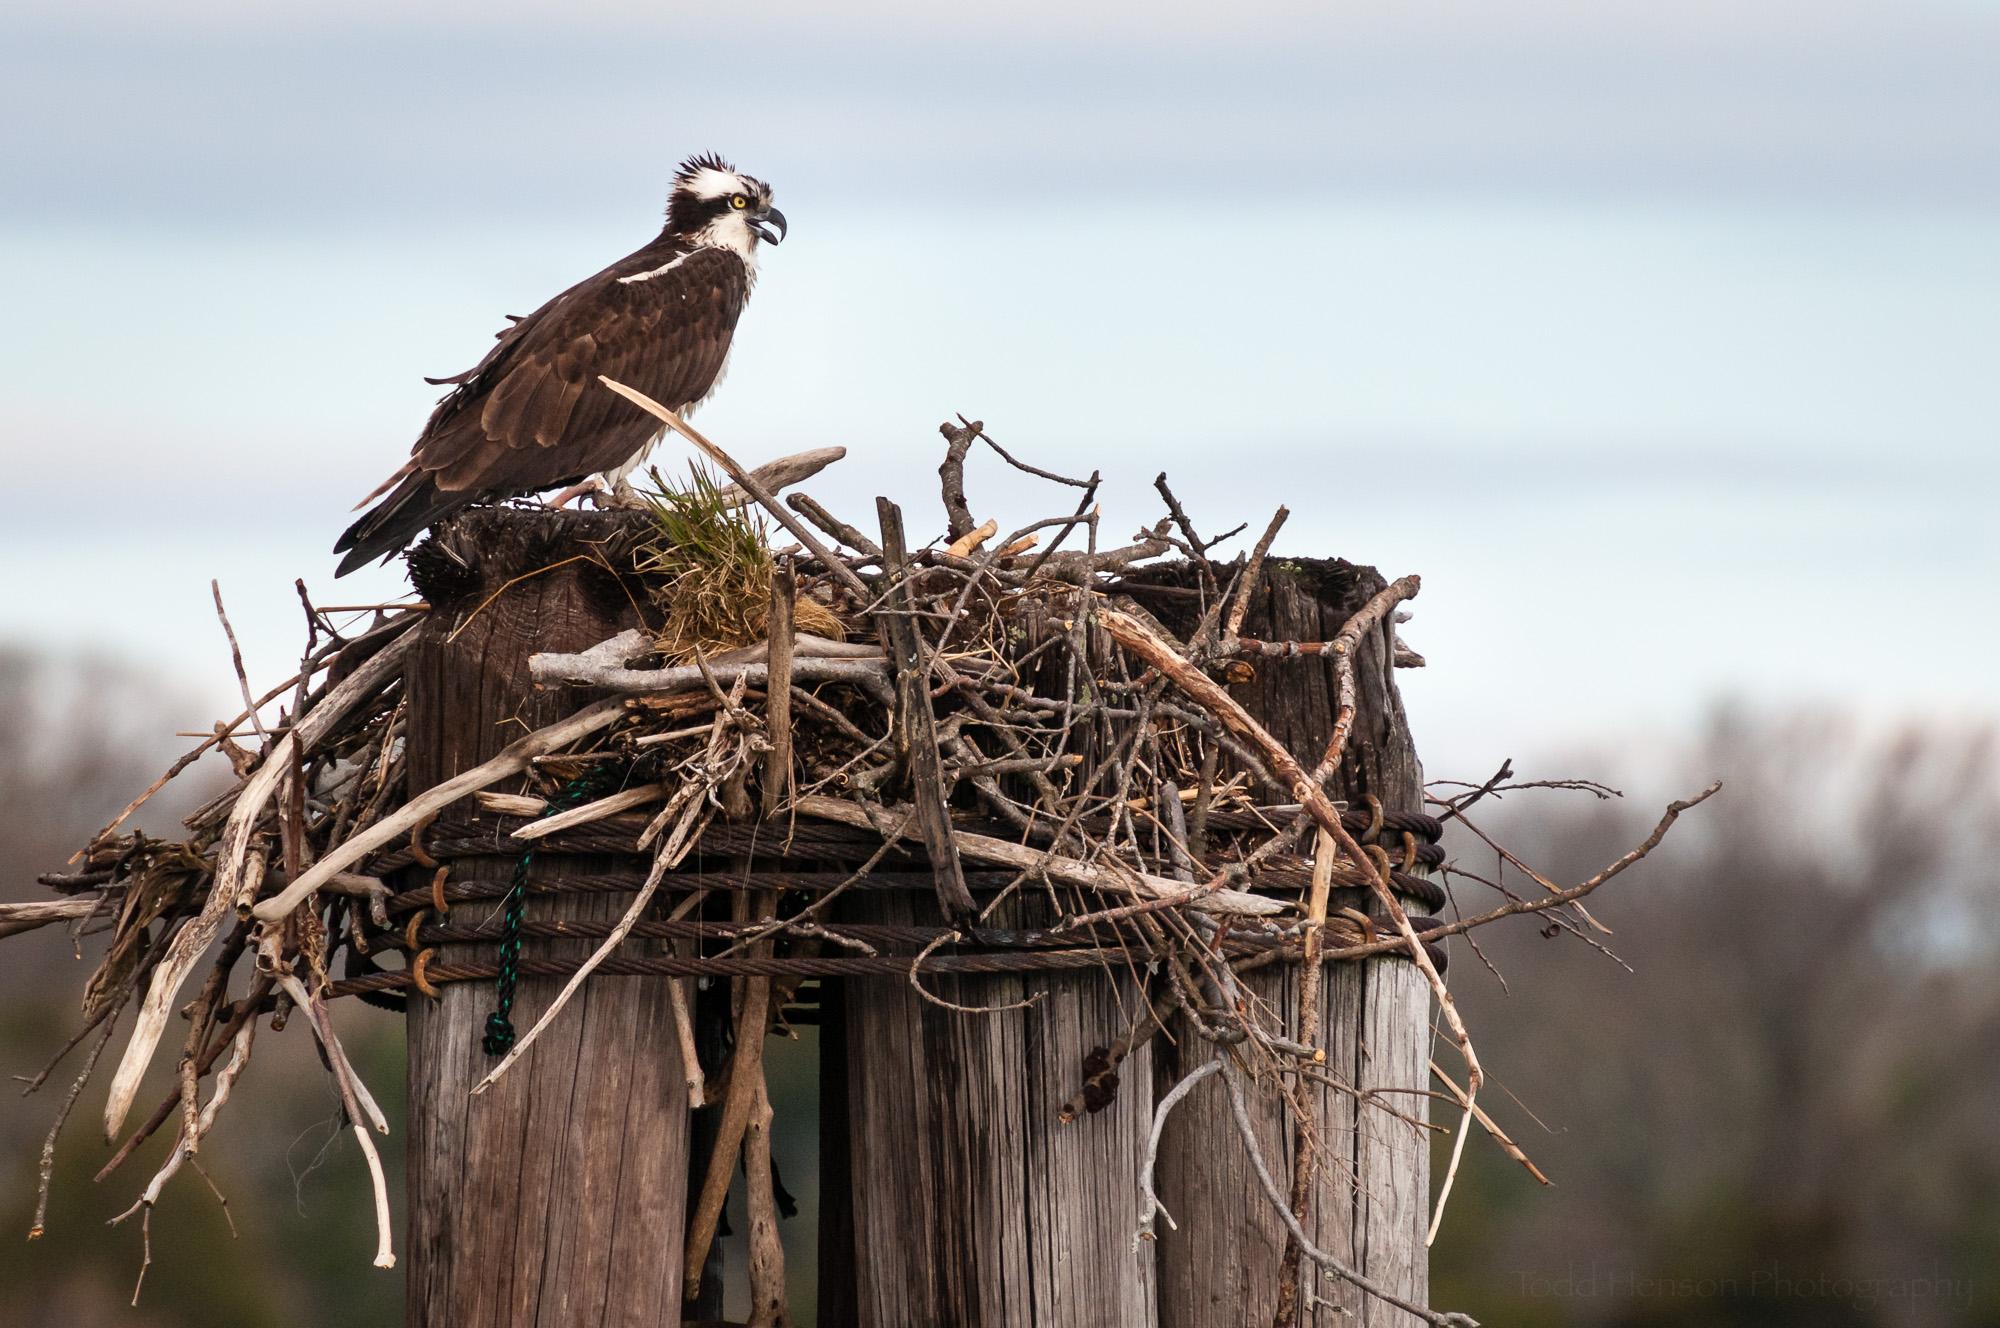 Osprey building a nest on a windy day.